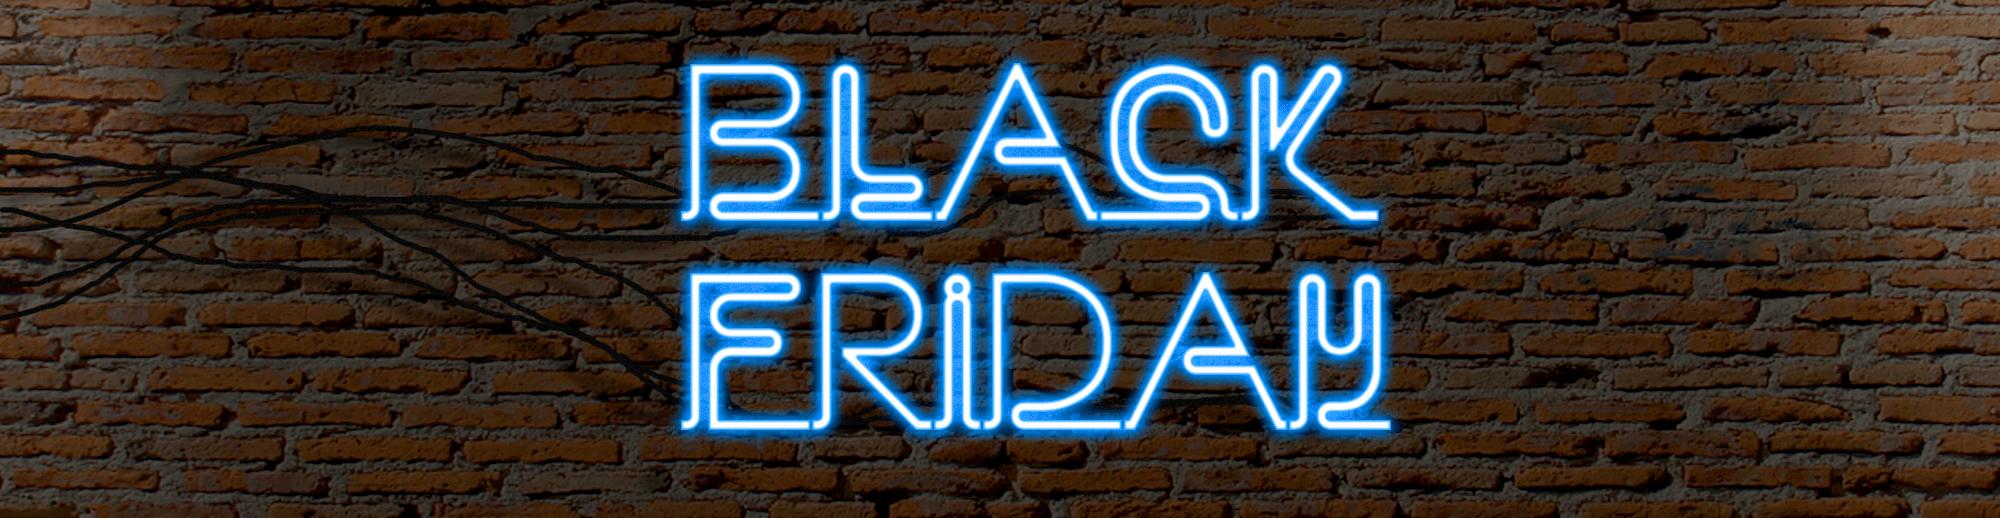 Tilmeld dig de vilde Black Friday tilbud